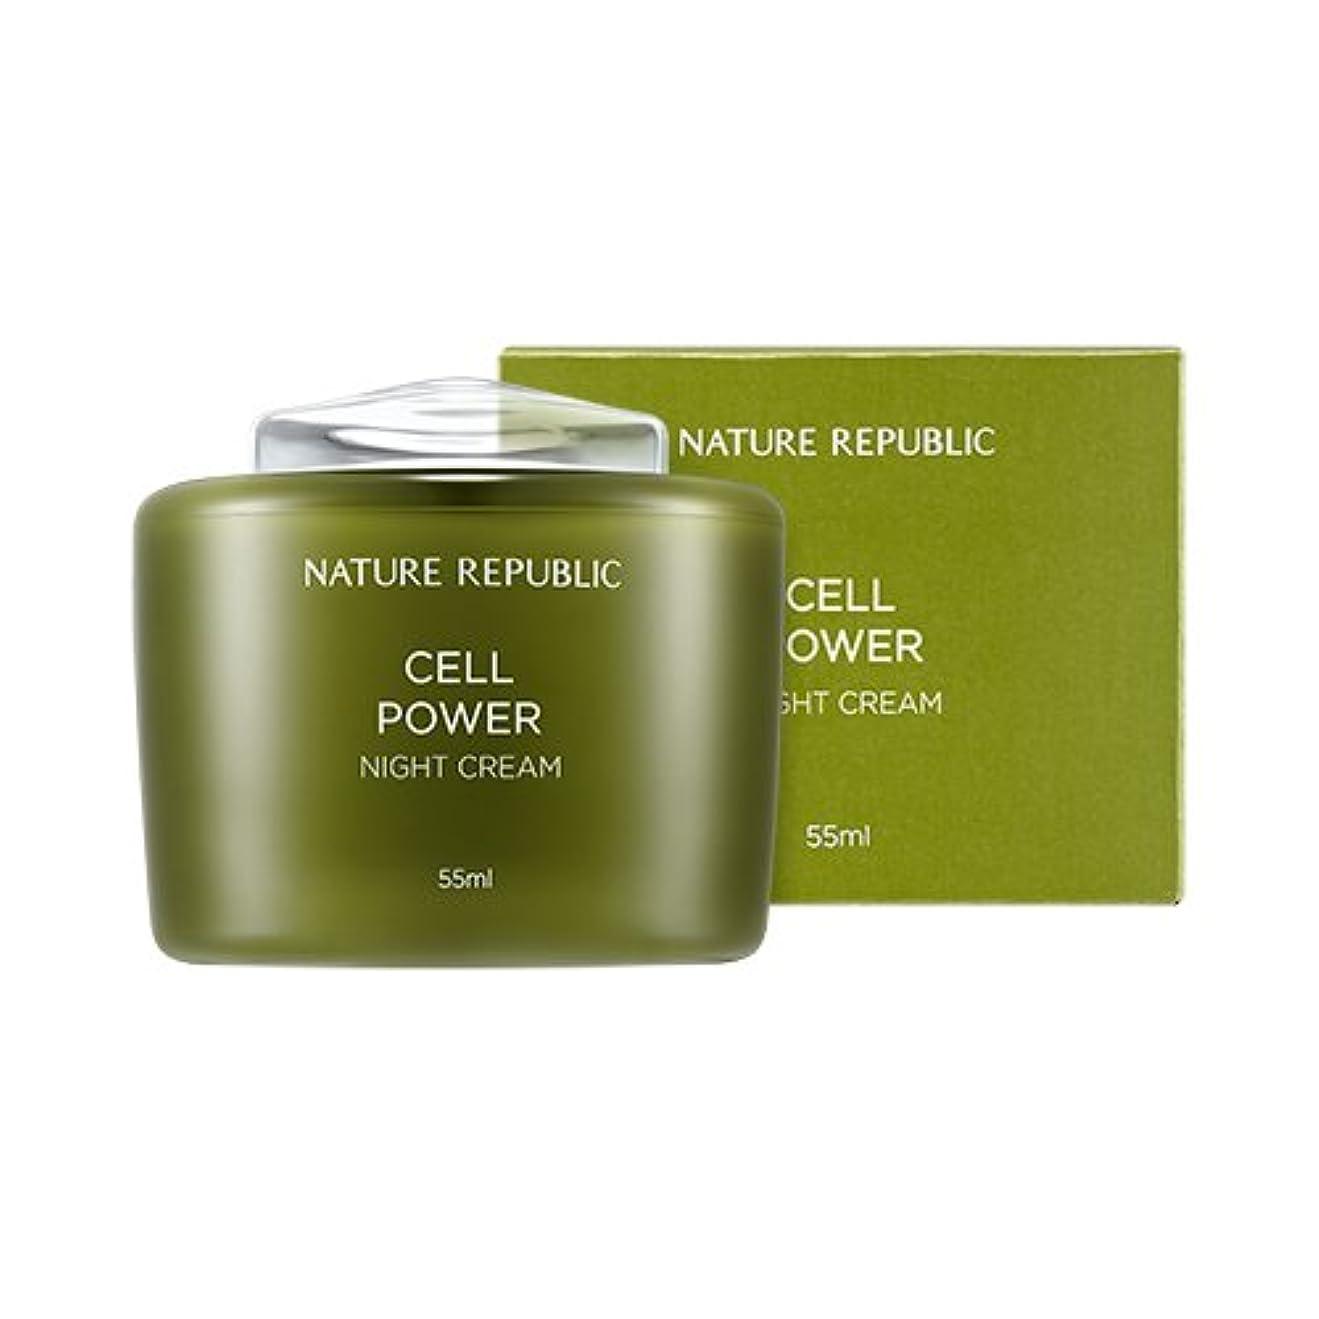 明日基準ビートNature Republic Cell Power Night Cream ネイチャーリパブリックセルパワーナイトクリーム [並行輸入品]